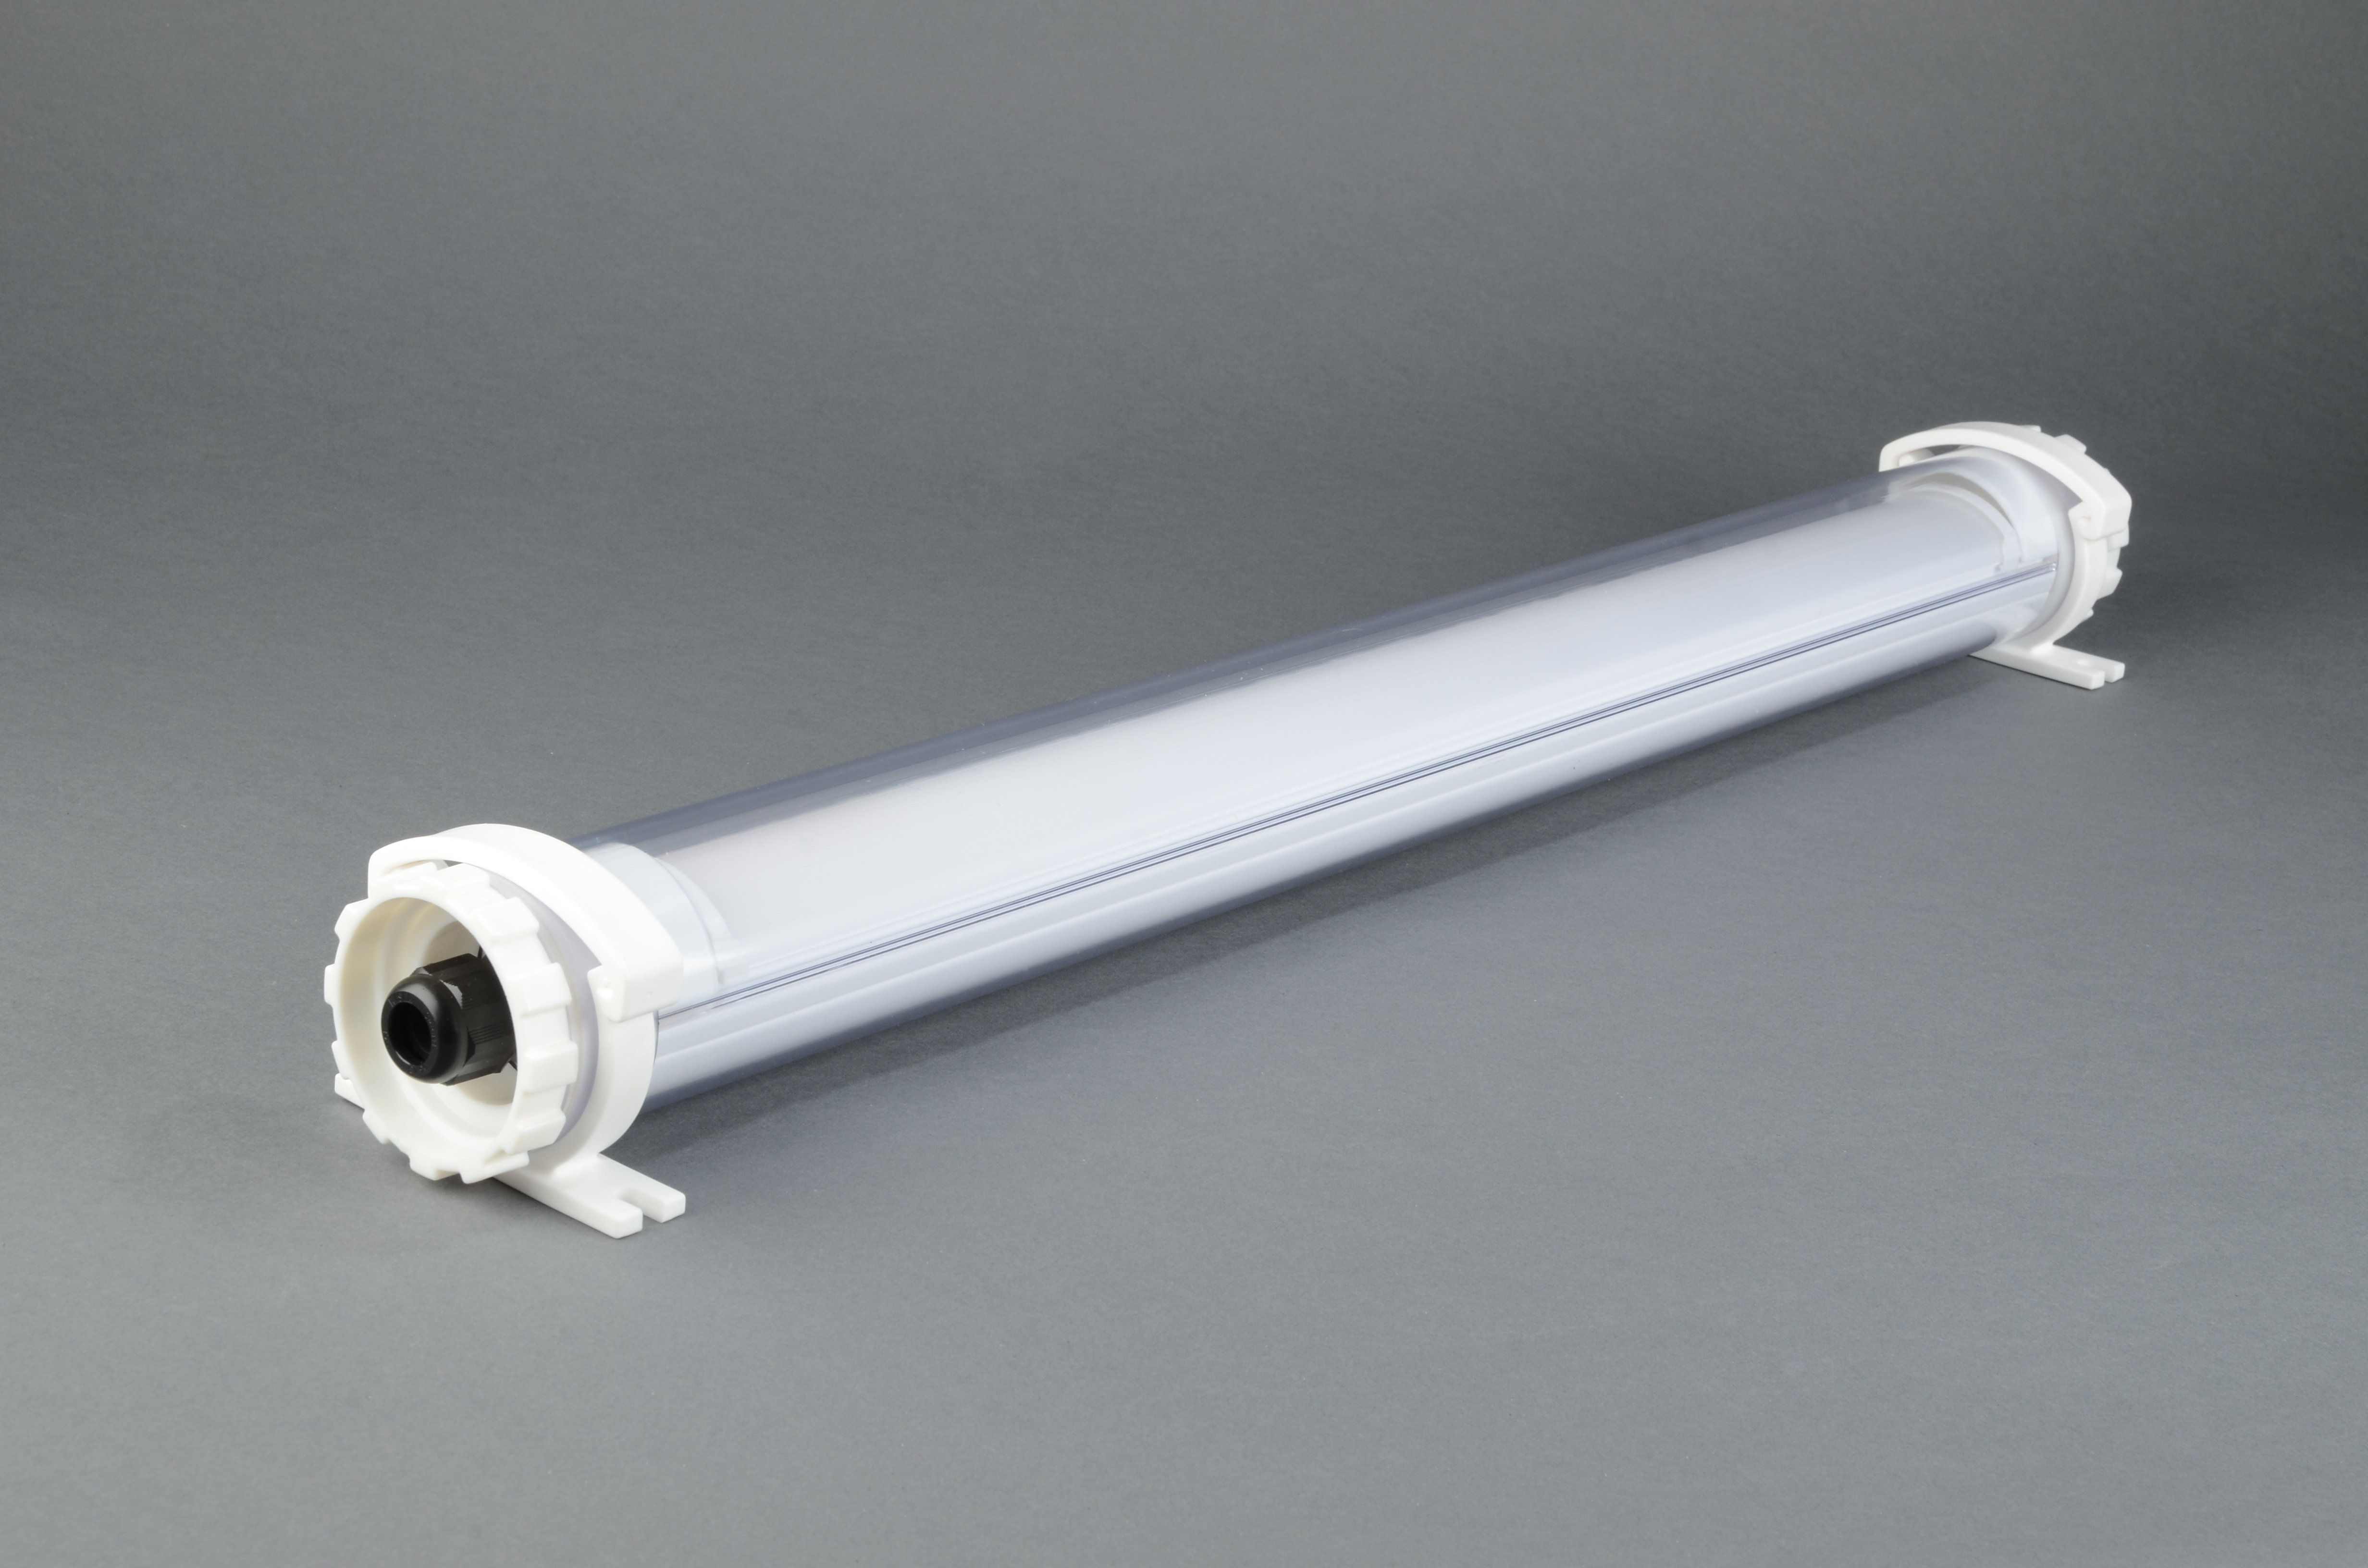 Serie 32: 13 Watt/ 220-240 Volt/ 397 mm/ 5000K